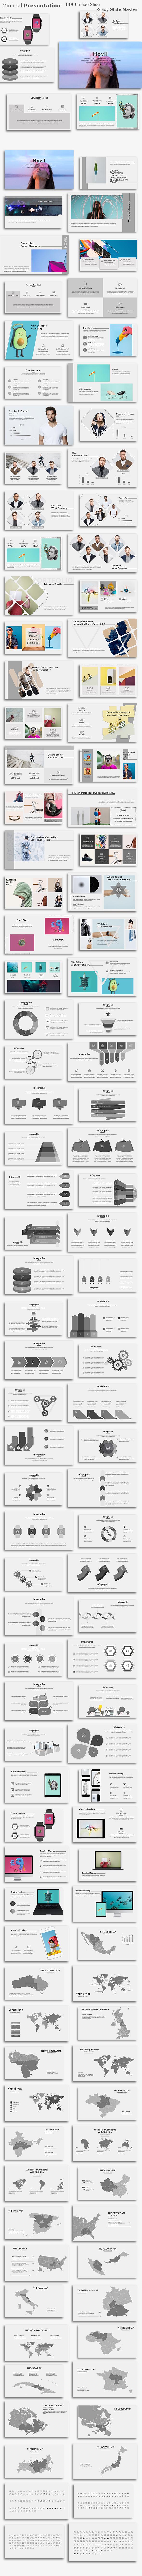 Hovil Minimal Keynote Template - Creative Keynote Templates